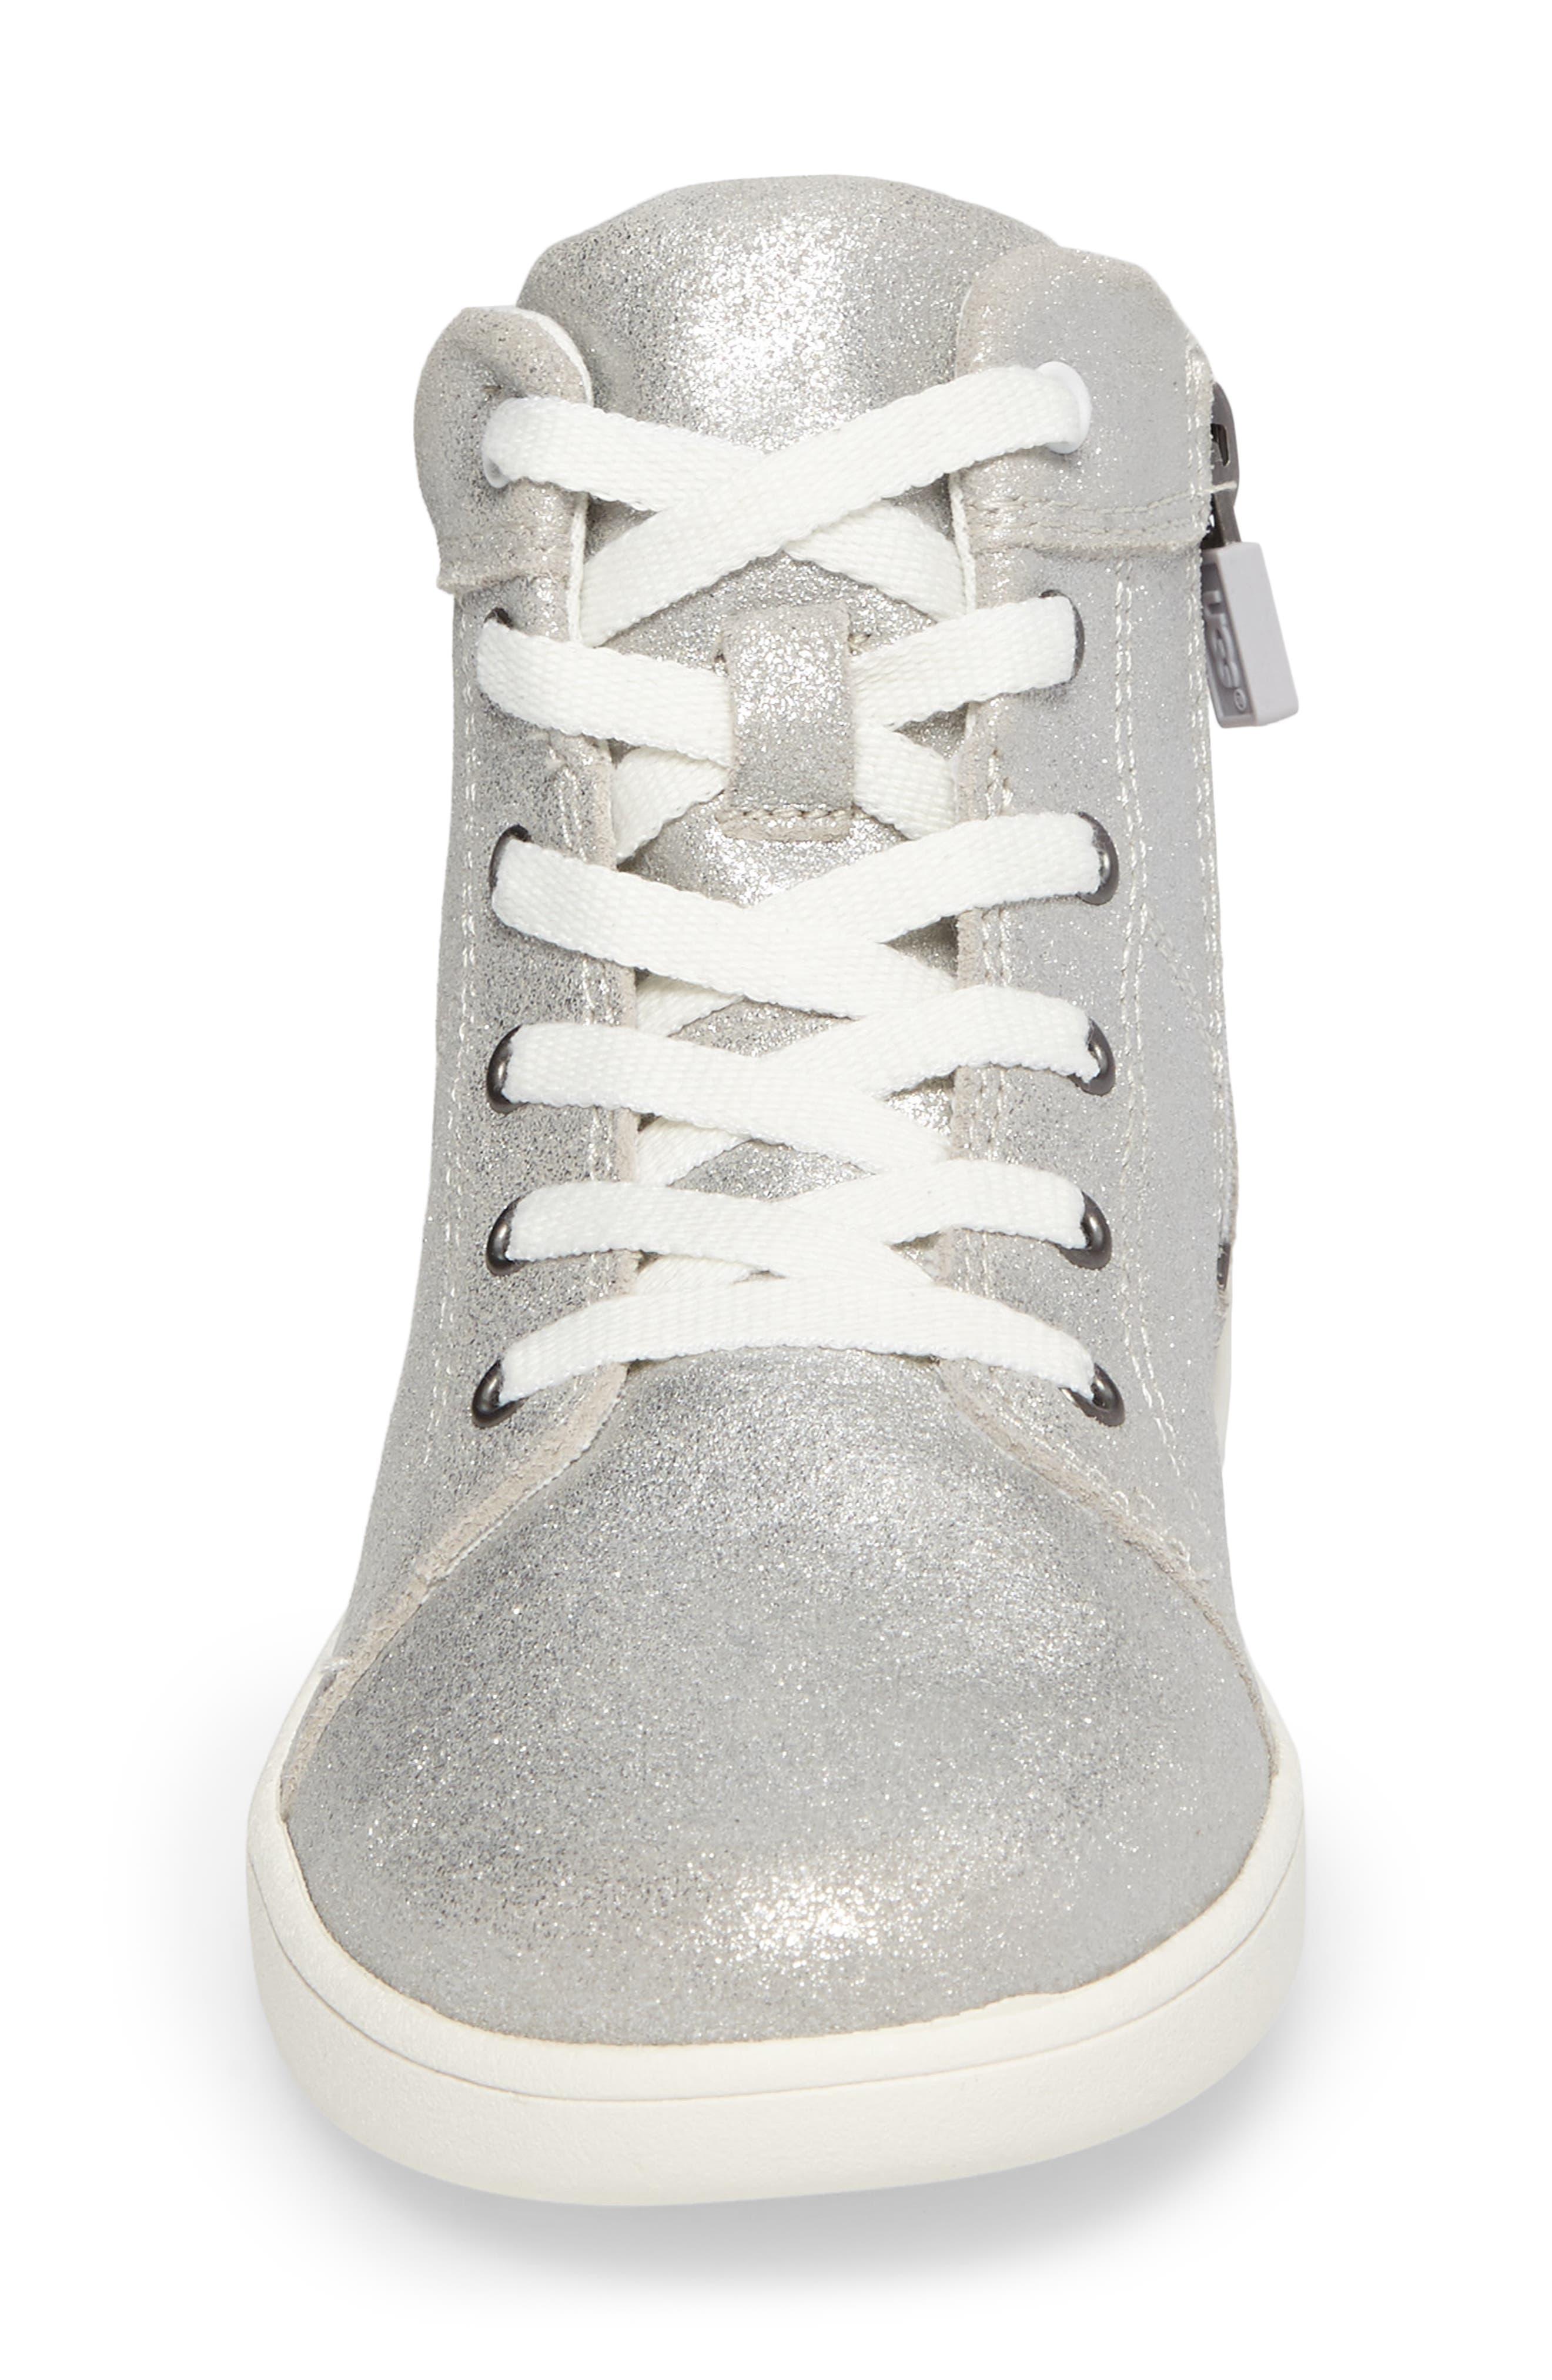 Schyler Metallic High Top Sneaker,                             Alternate thumbnail 4, color,                             040